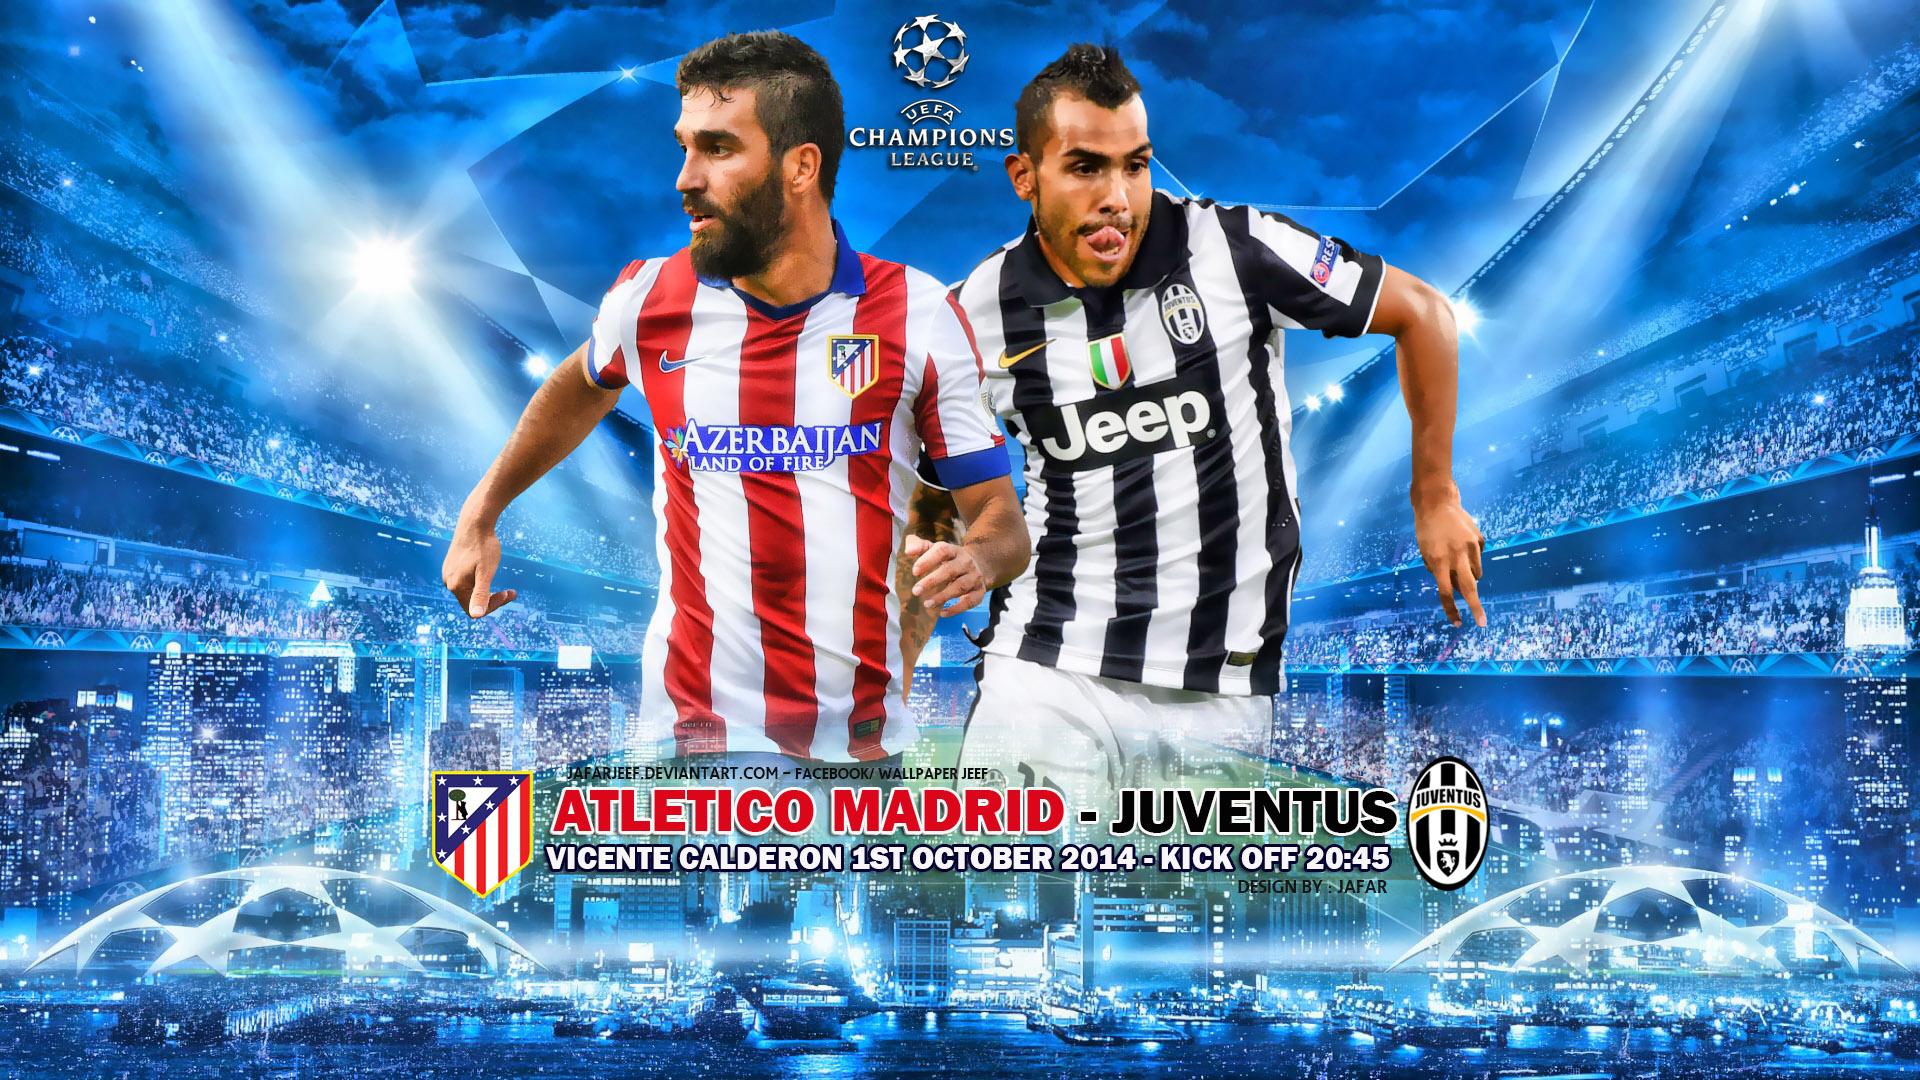 Diretta-oggi-livescore-Atletico-Madrid – Juventus-streaming-gratis-formazioni-ufficiali